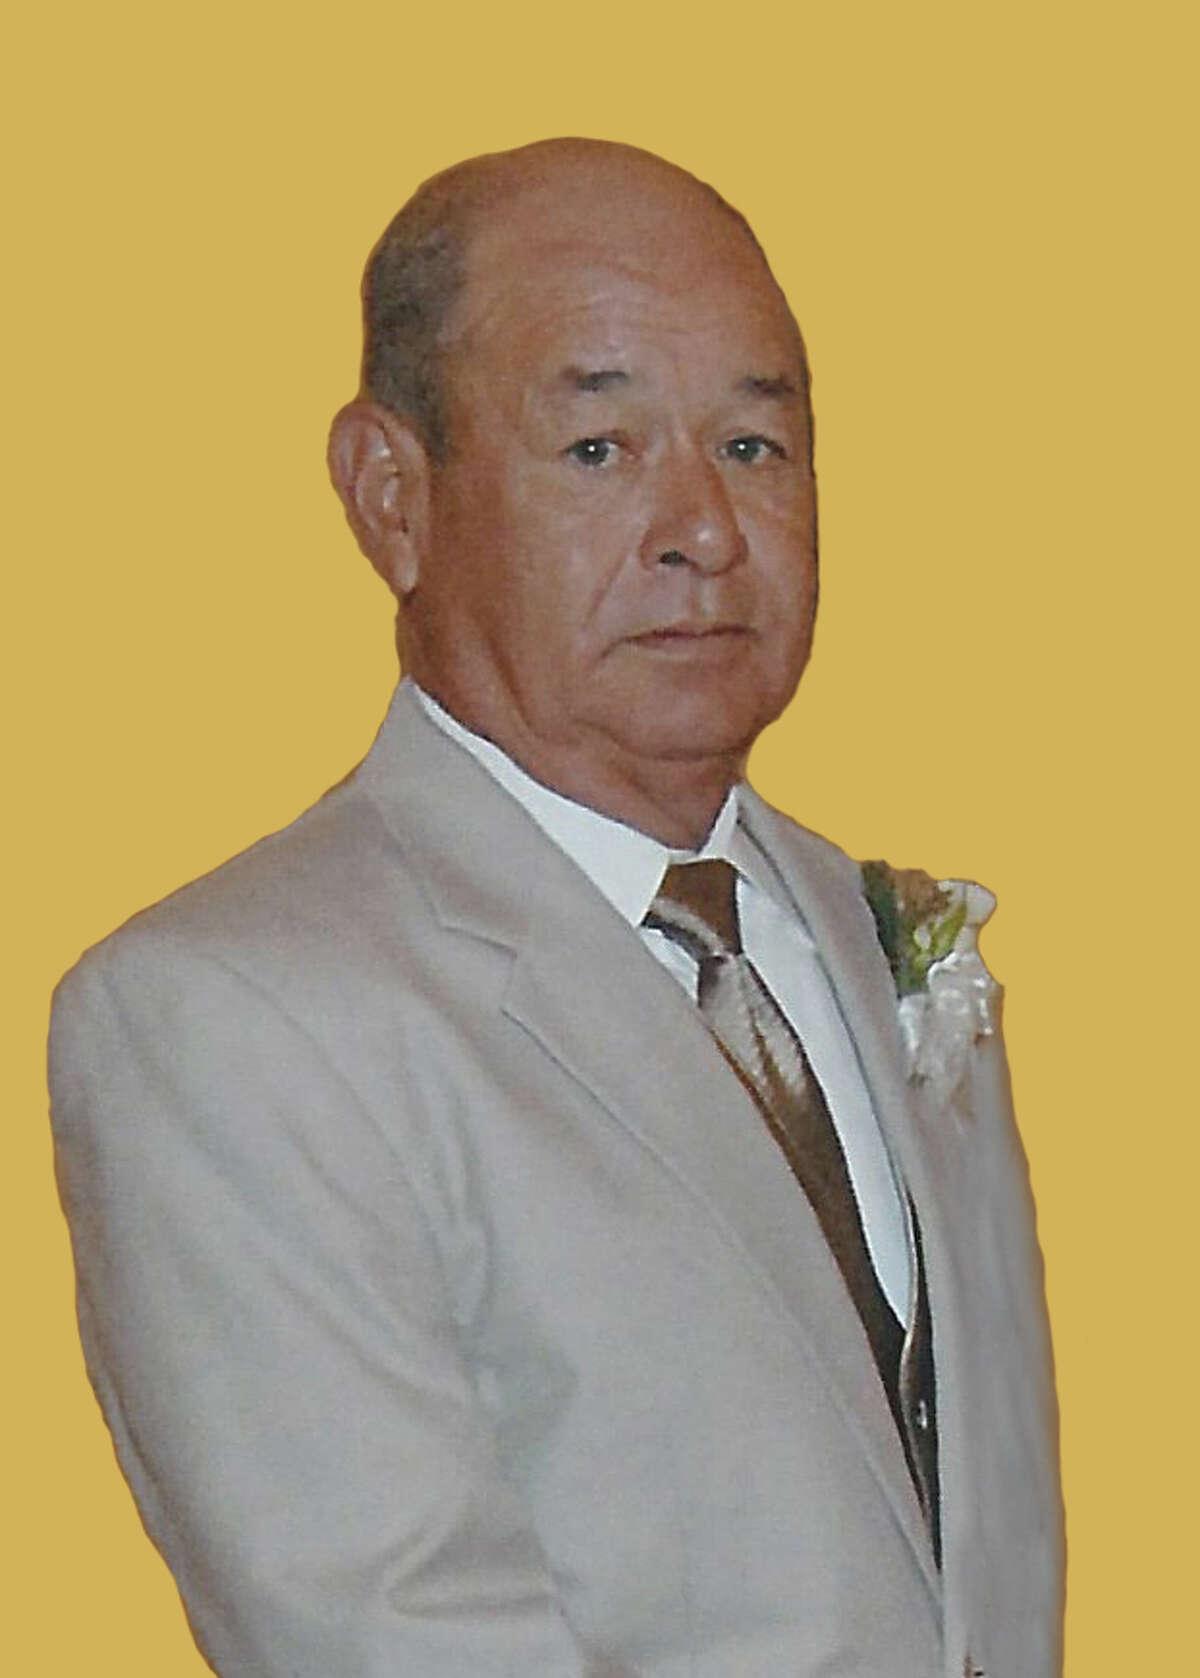 Oscar Saenz, Jr.